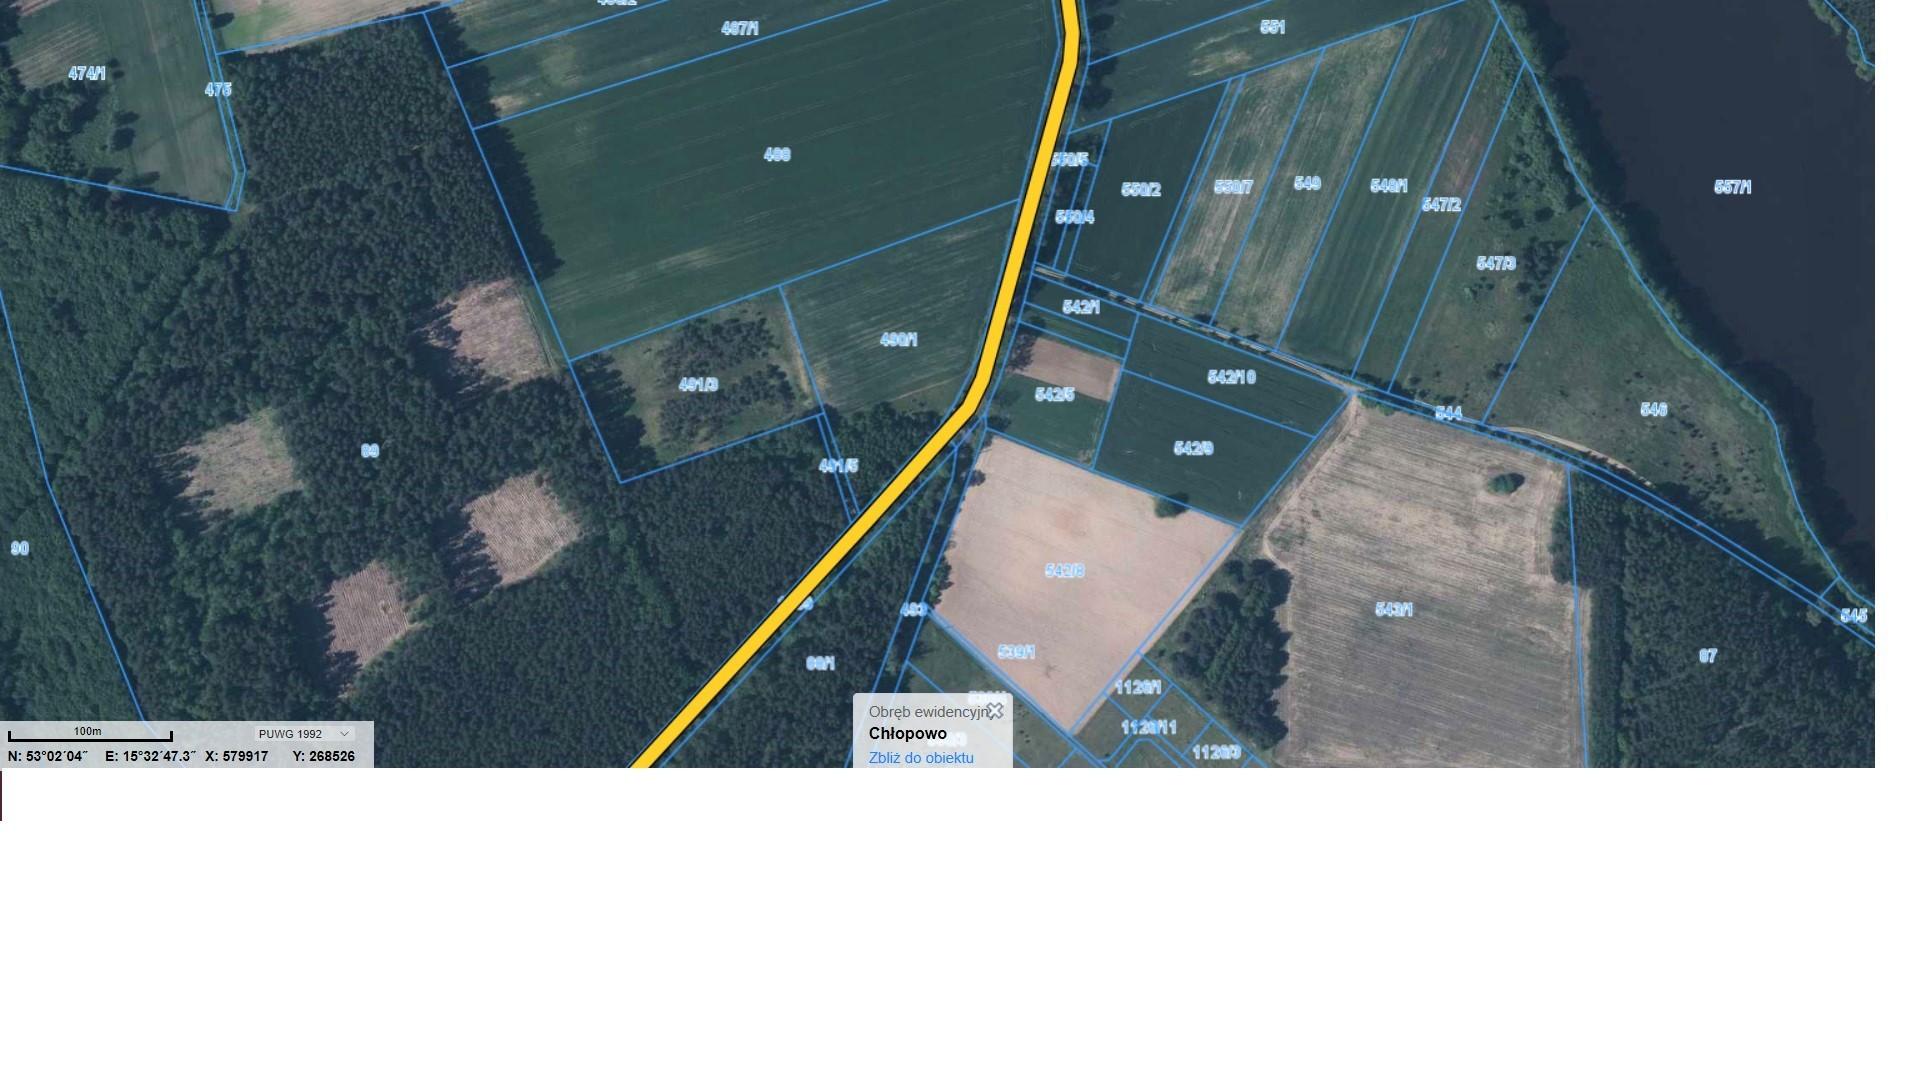 Działka rolna, 5 000m 2